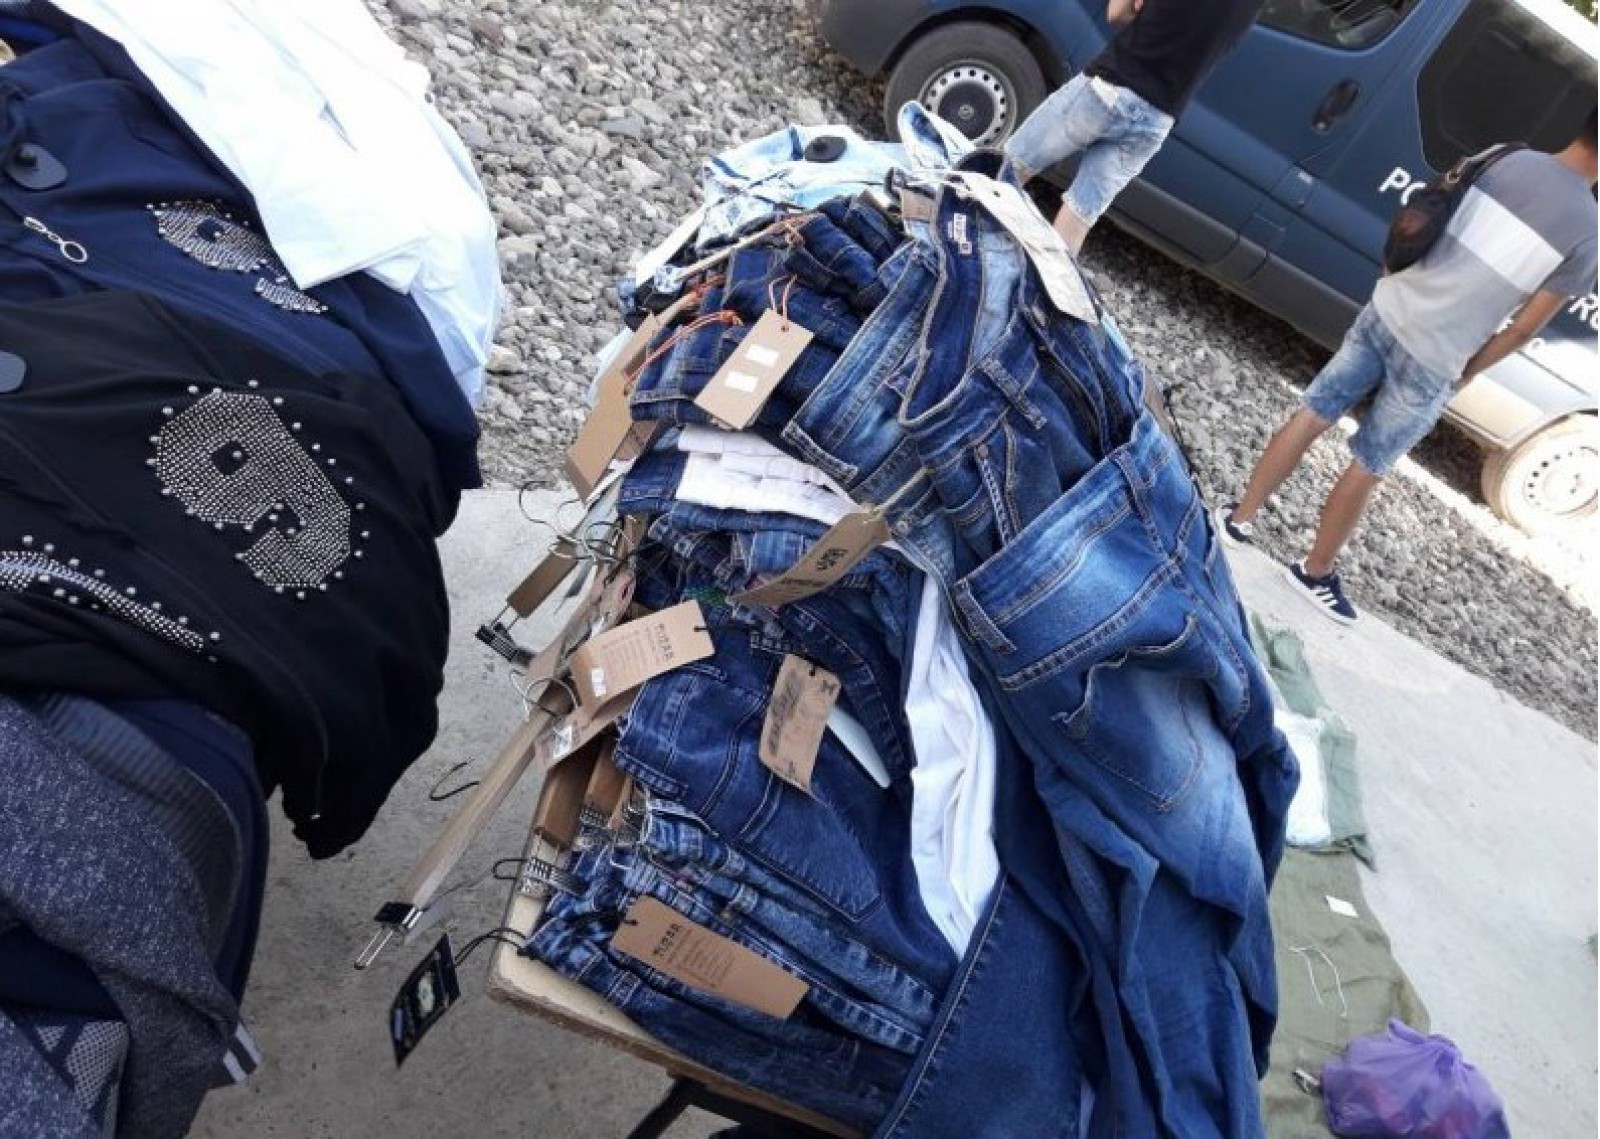 (foto) Lot de articole vestimentare, în sumă de circa 60 de mii de lei, reținut de poliția de frontieră